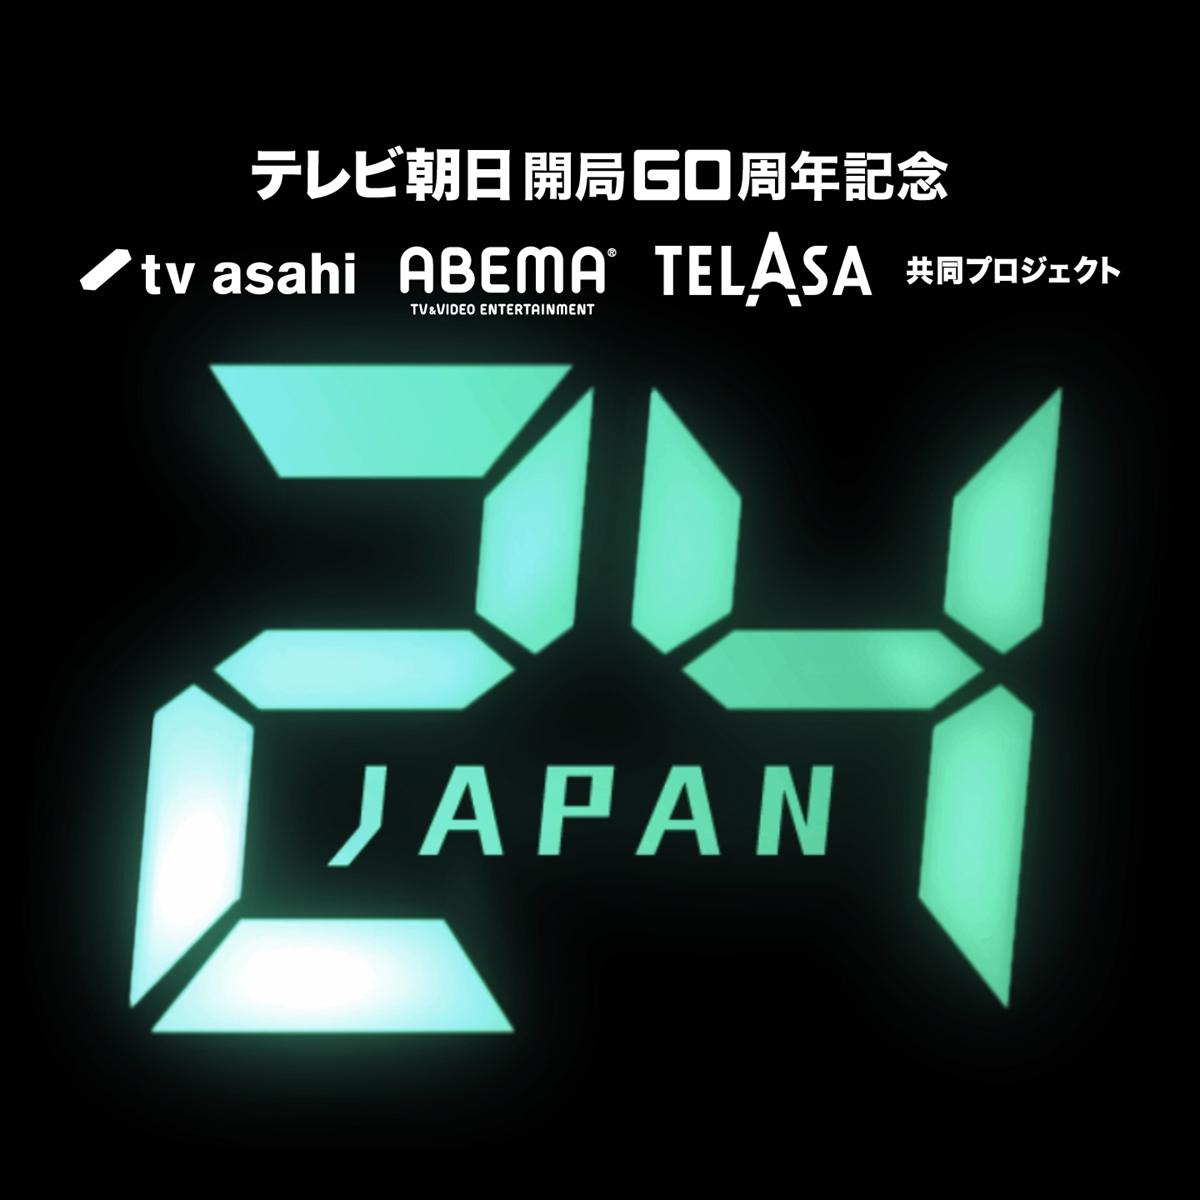 『24 JAPAN』